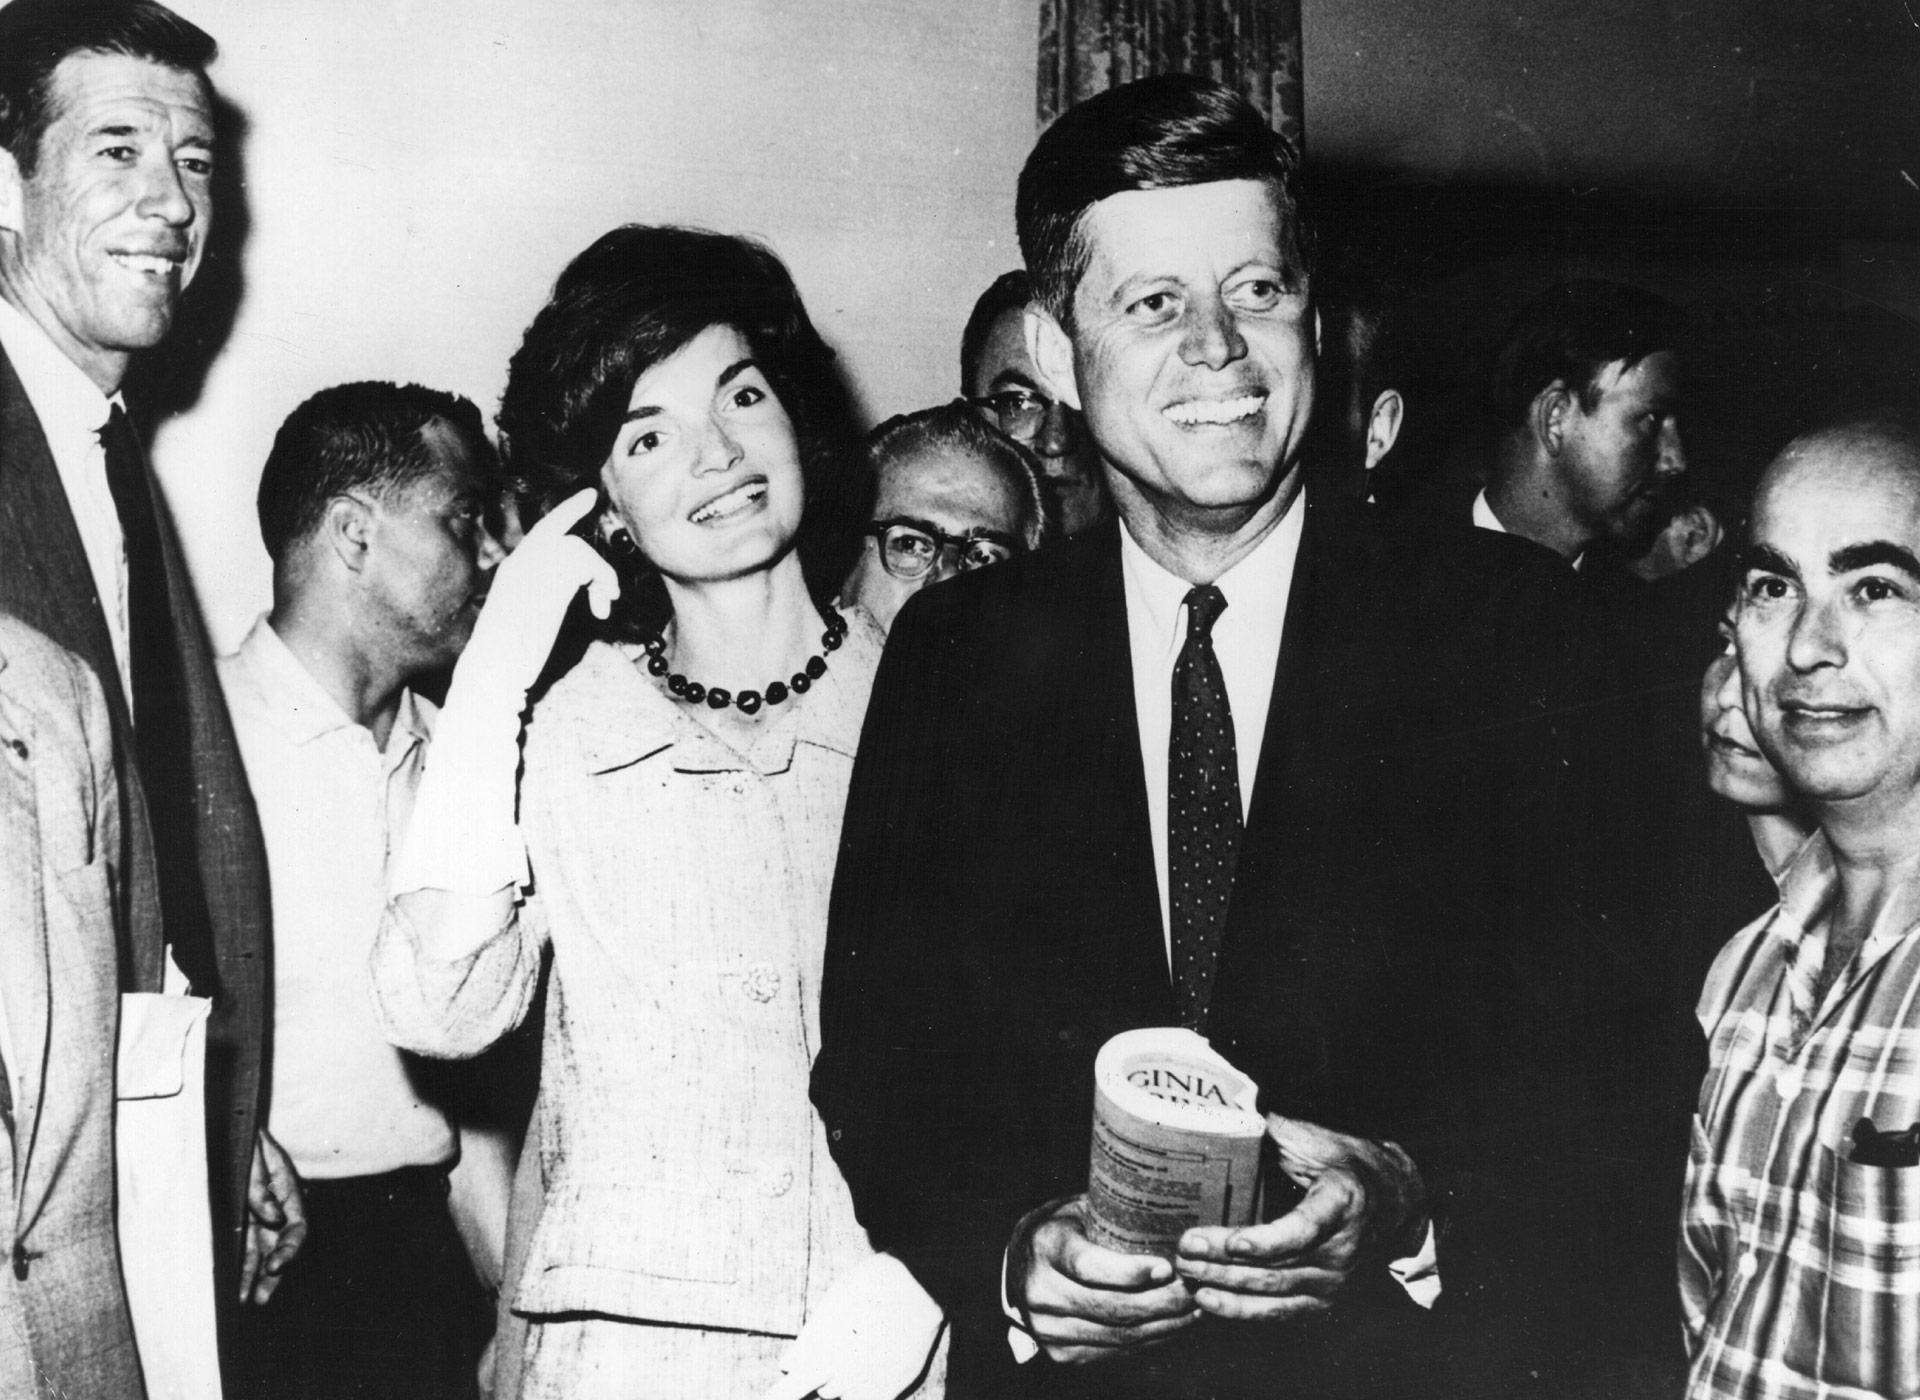 El entonces senador por Massachusettsjunto a su esposa se dirigen a la convención del Partido Demócrata en Los Ángeles, donde será nominado candidato a la presidencia(Keystone/Getty Images)